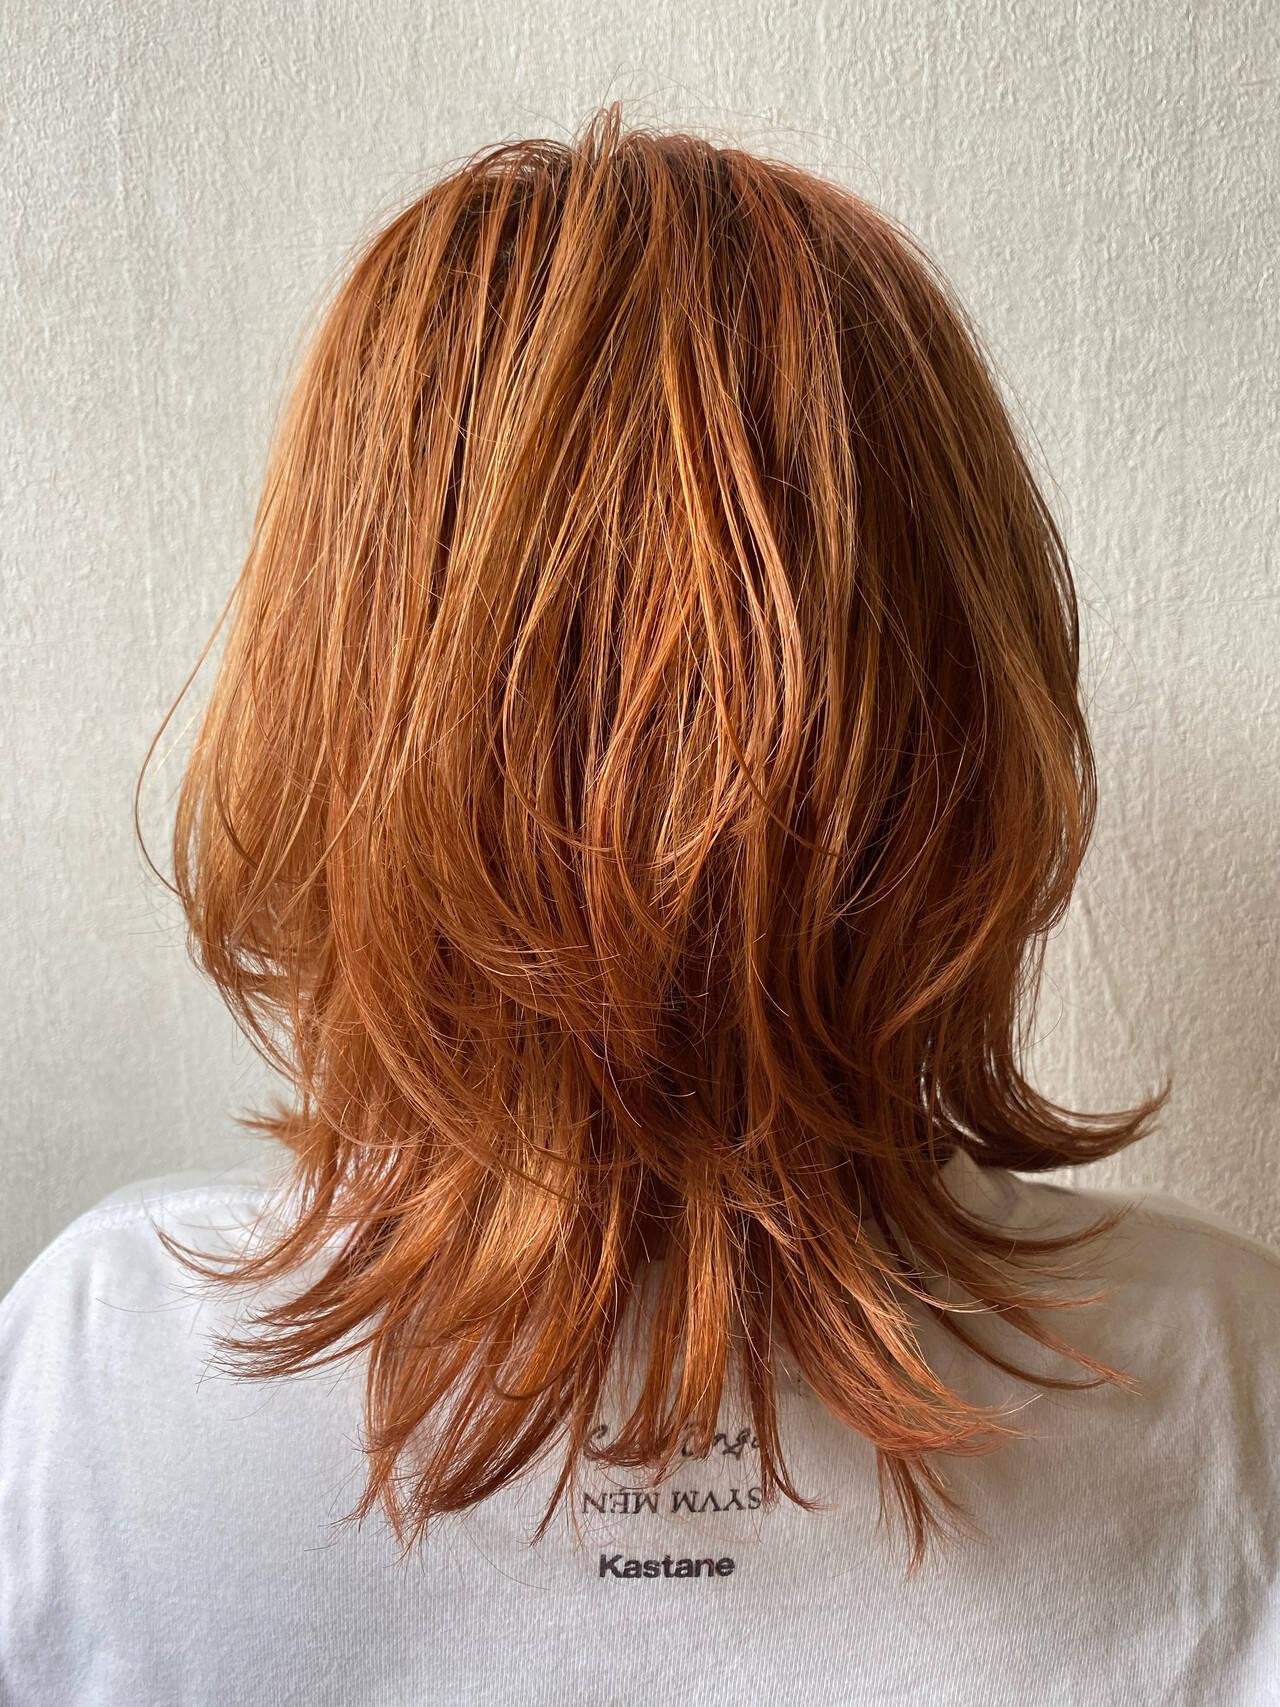 アプリコットオレンジ オレンジカラー オレンジベージュ ナチュラルヘアスタイルや髪型の写真・画像